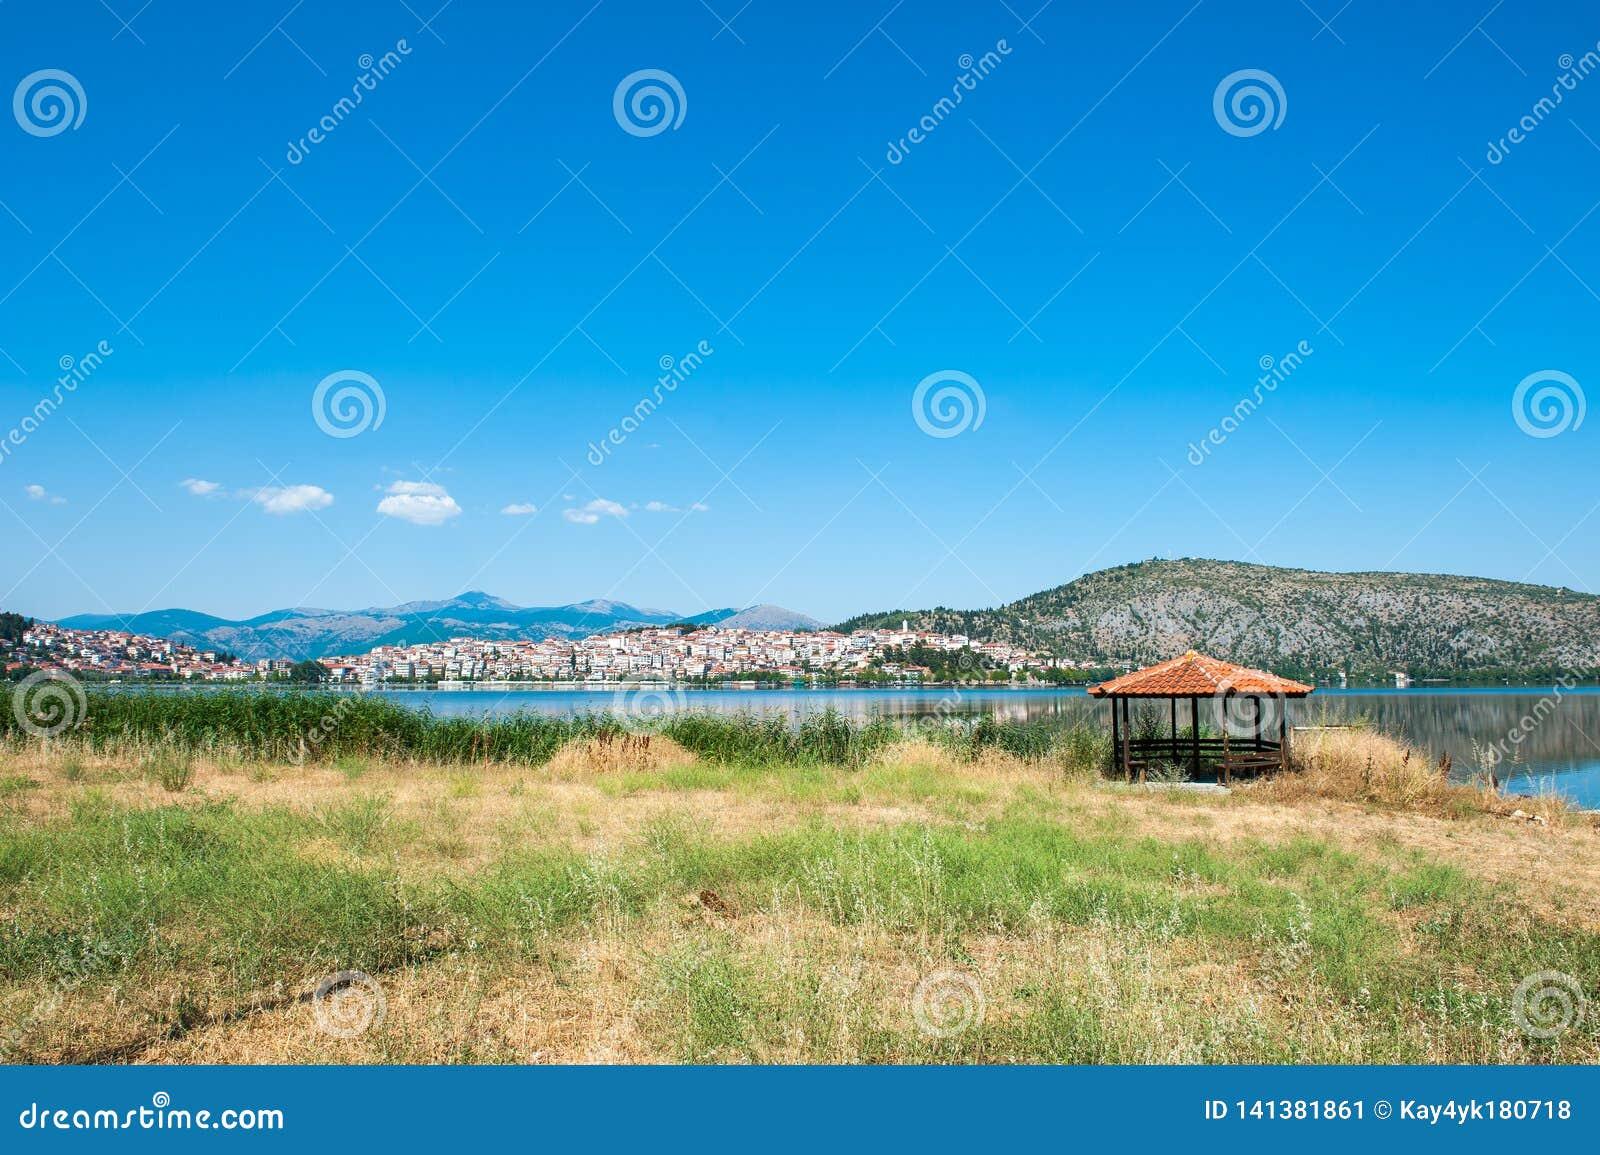 Газебо морем, оранжевый рай на озере